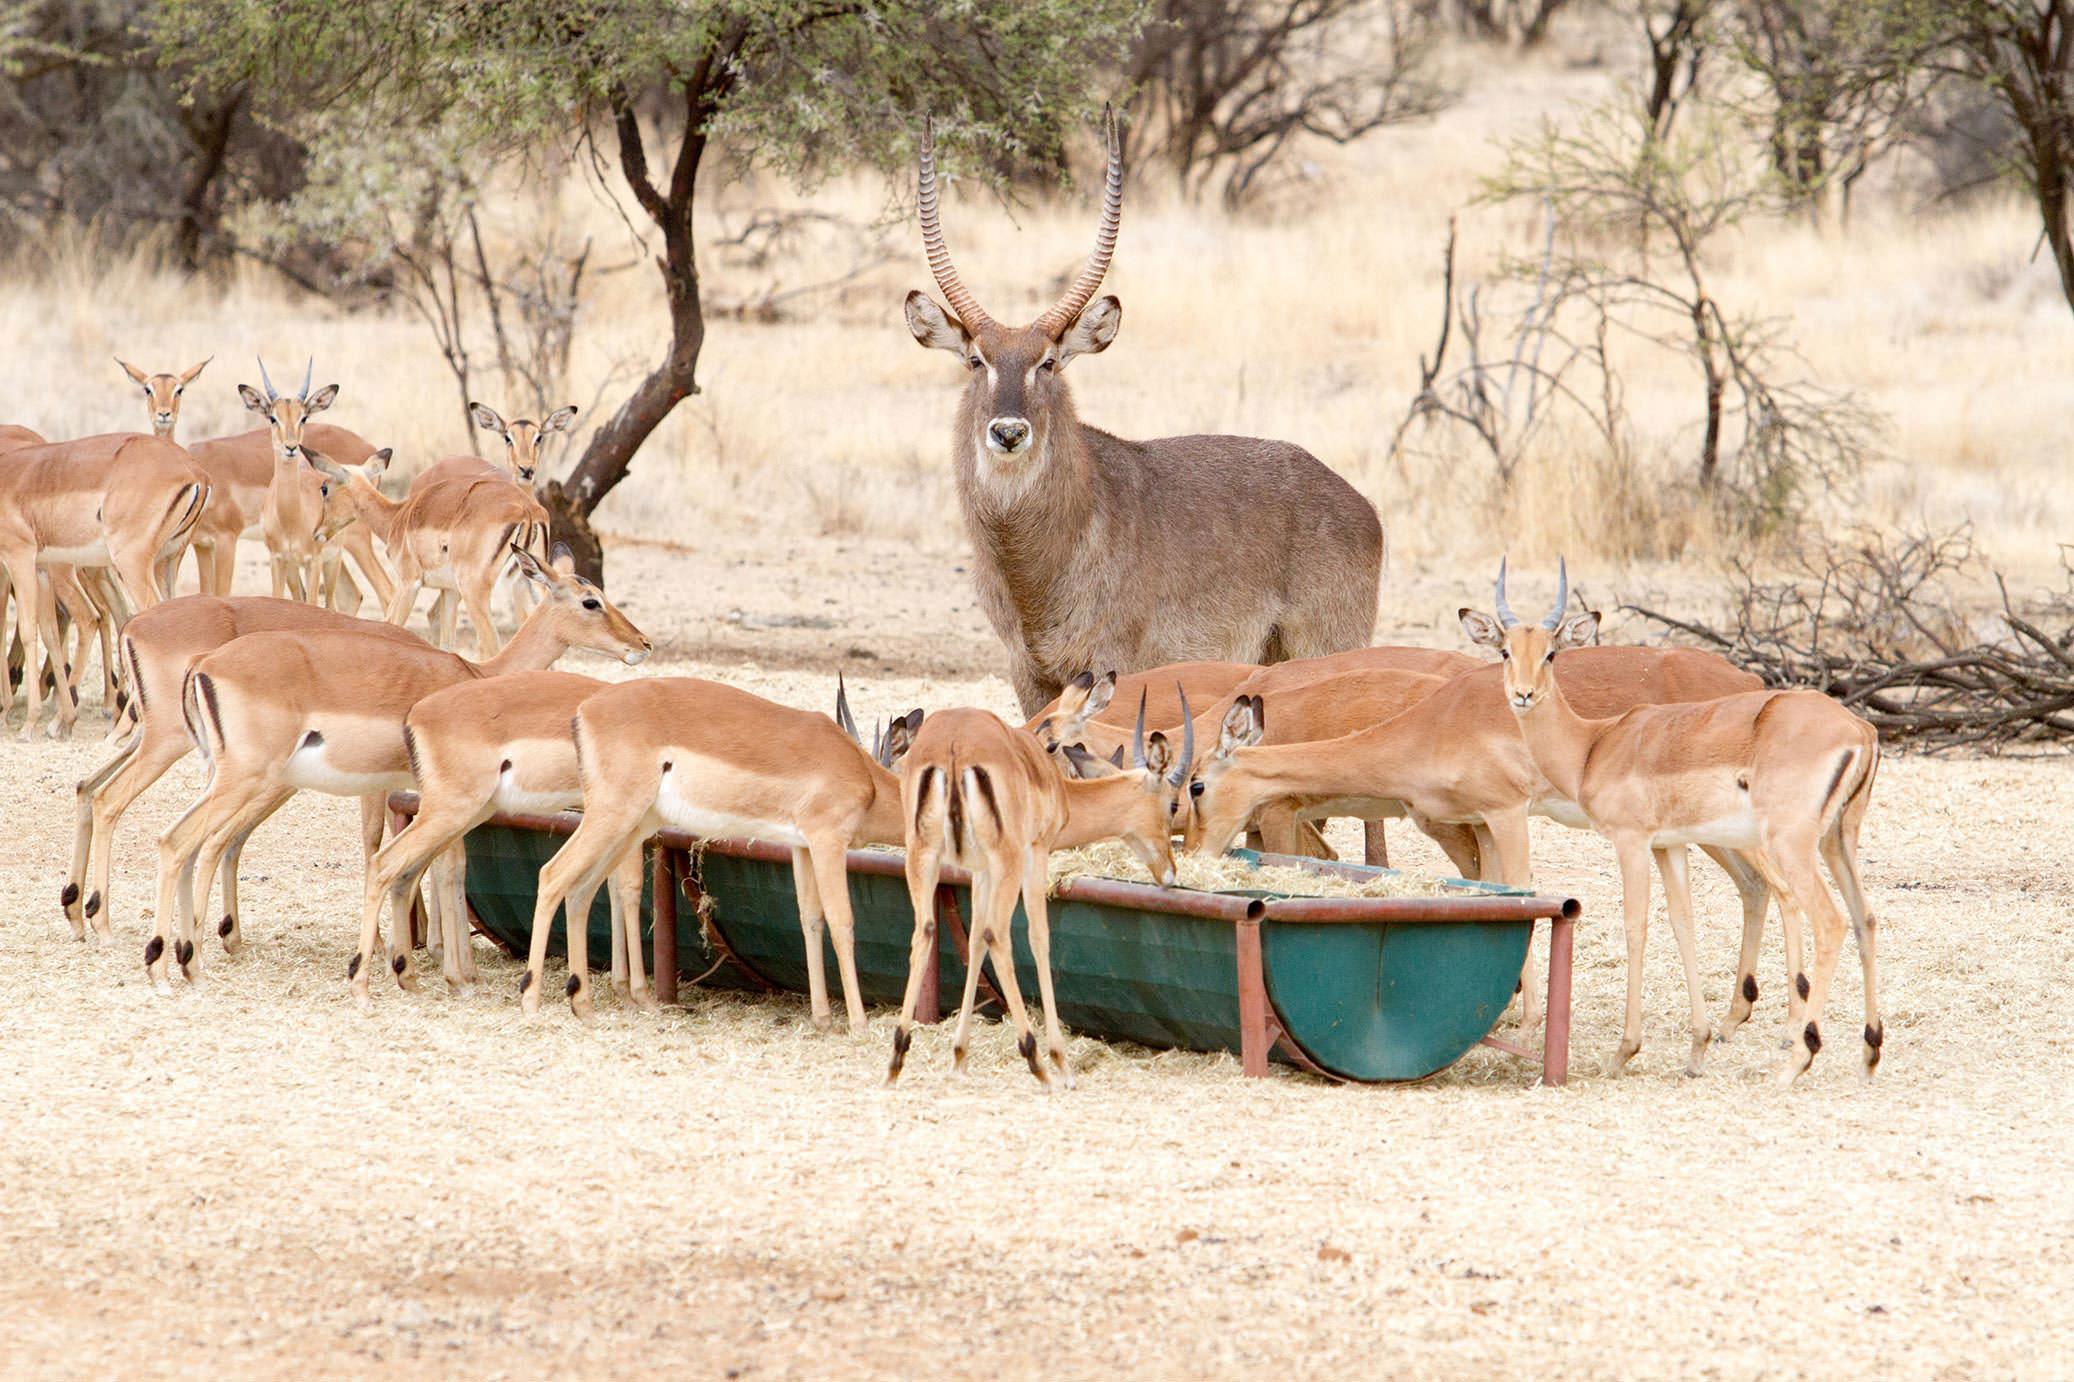 amanzi private game reserve - Bokke 2 - Amanzi Private Game Reserve